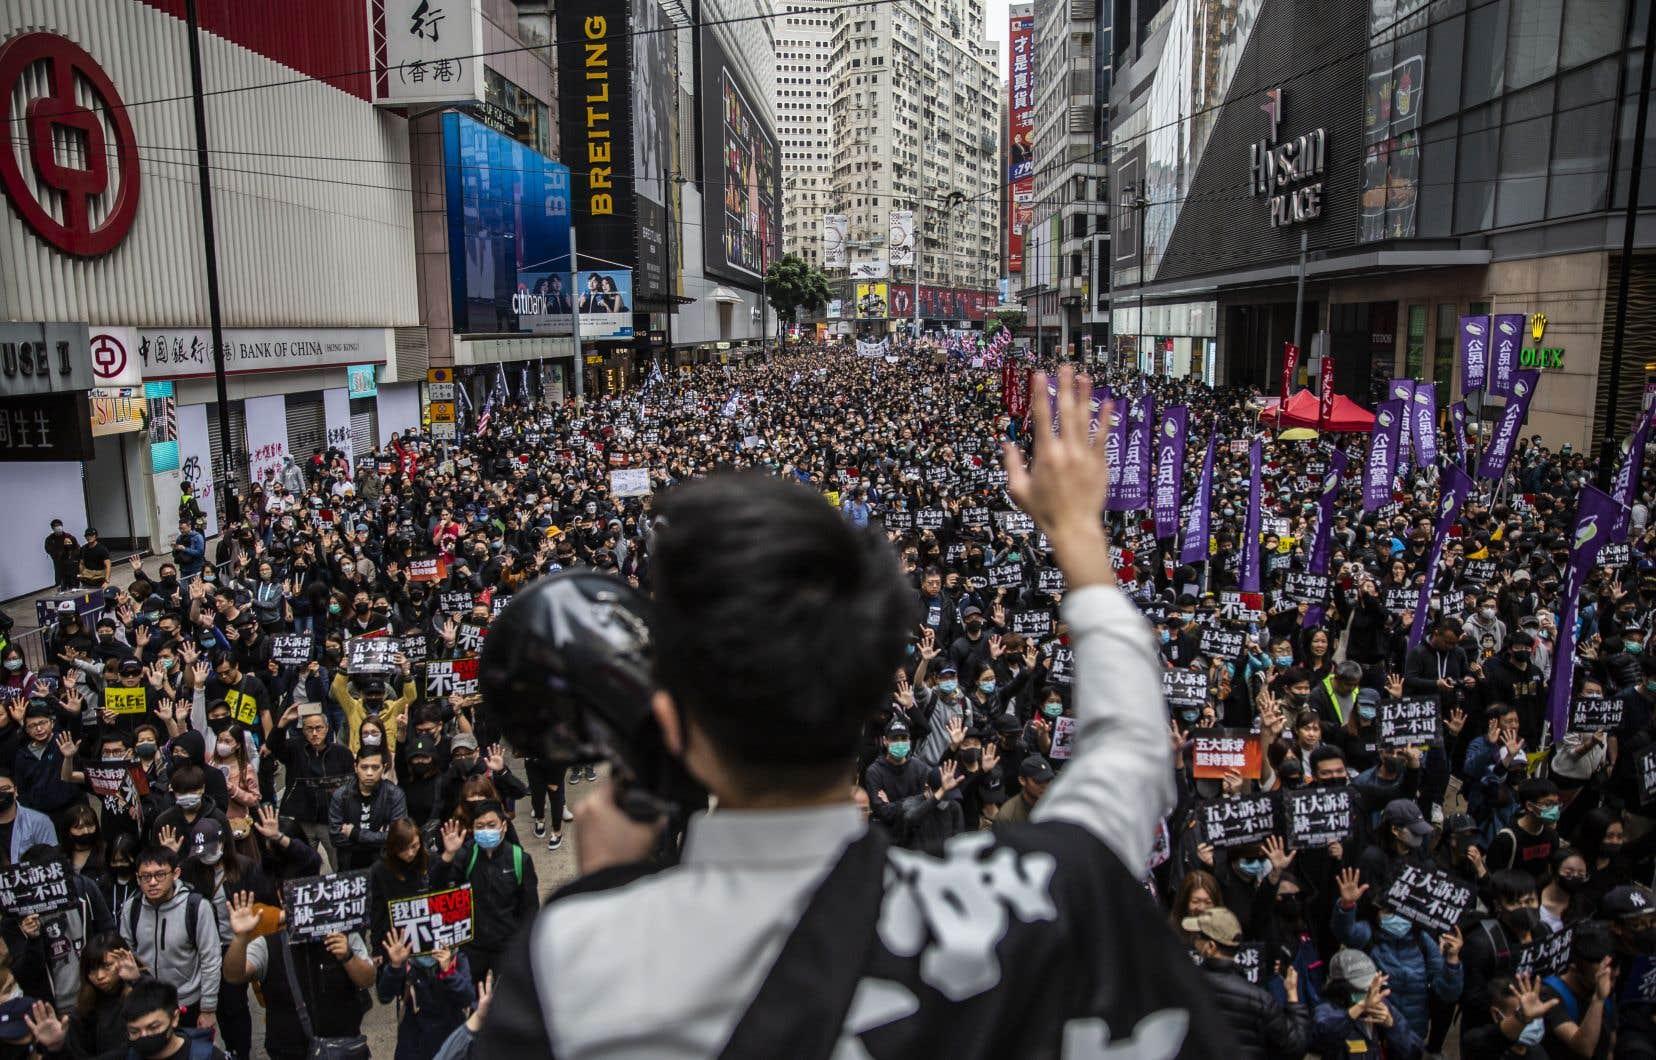 Plus d'un million de Hongkongais ont participé à la manifestation du Jour de l'An, selon les organisateurs.